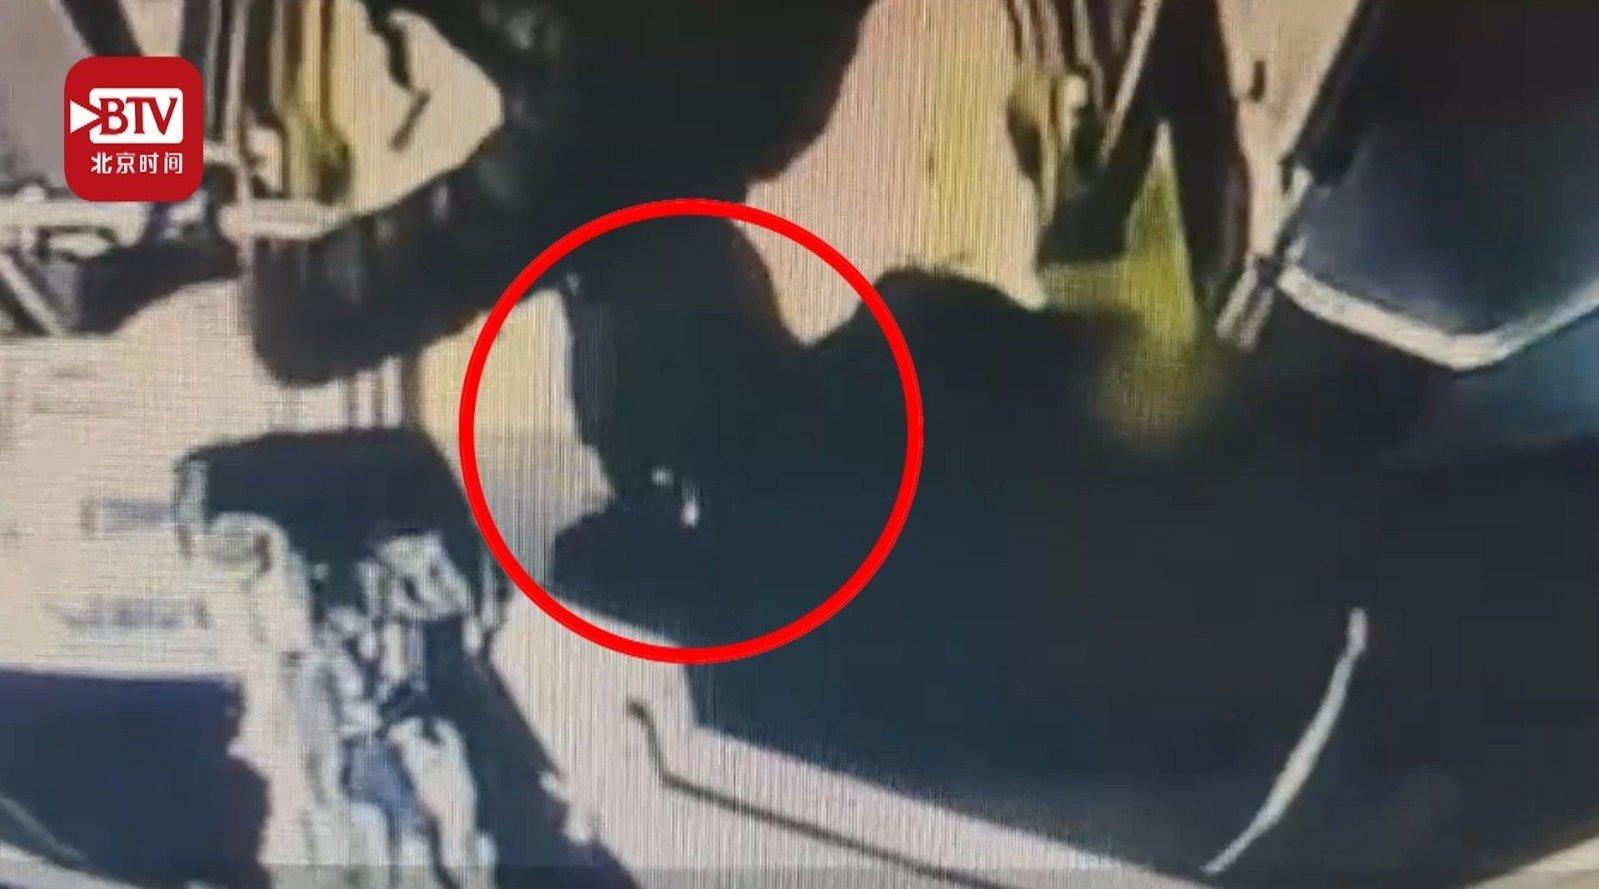 小伙手受伤乘公交时鞋带松开 细心司机担心其摔倒蹲地为其系鞋带